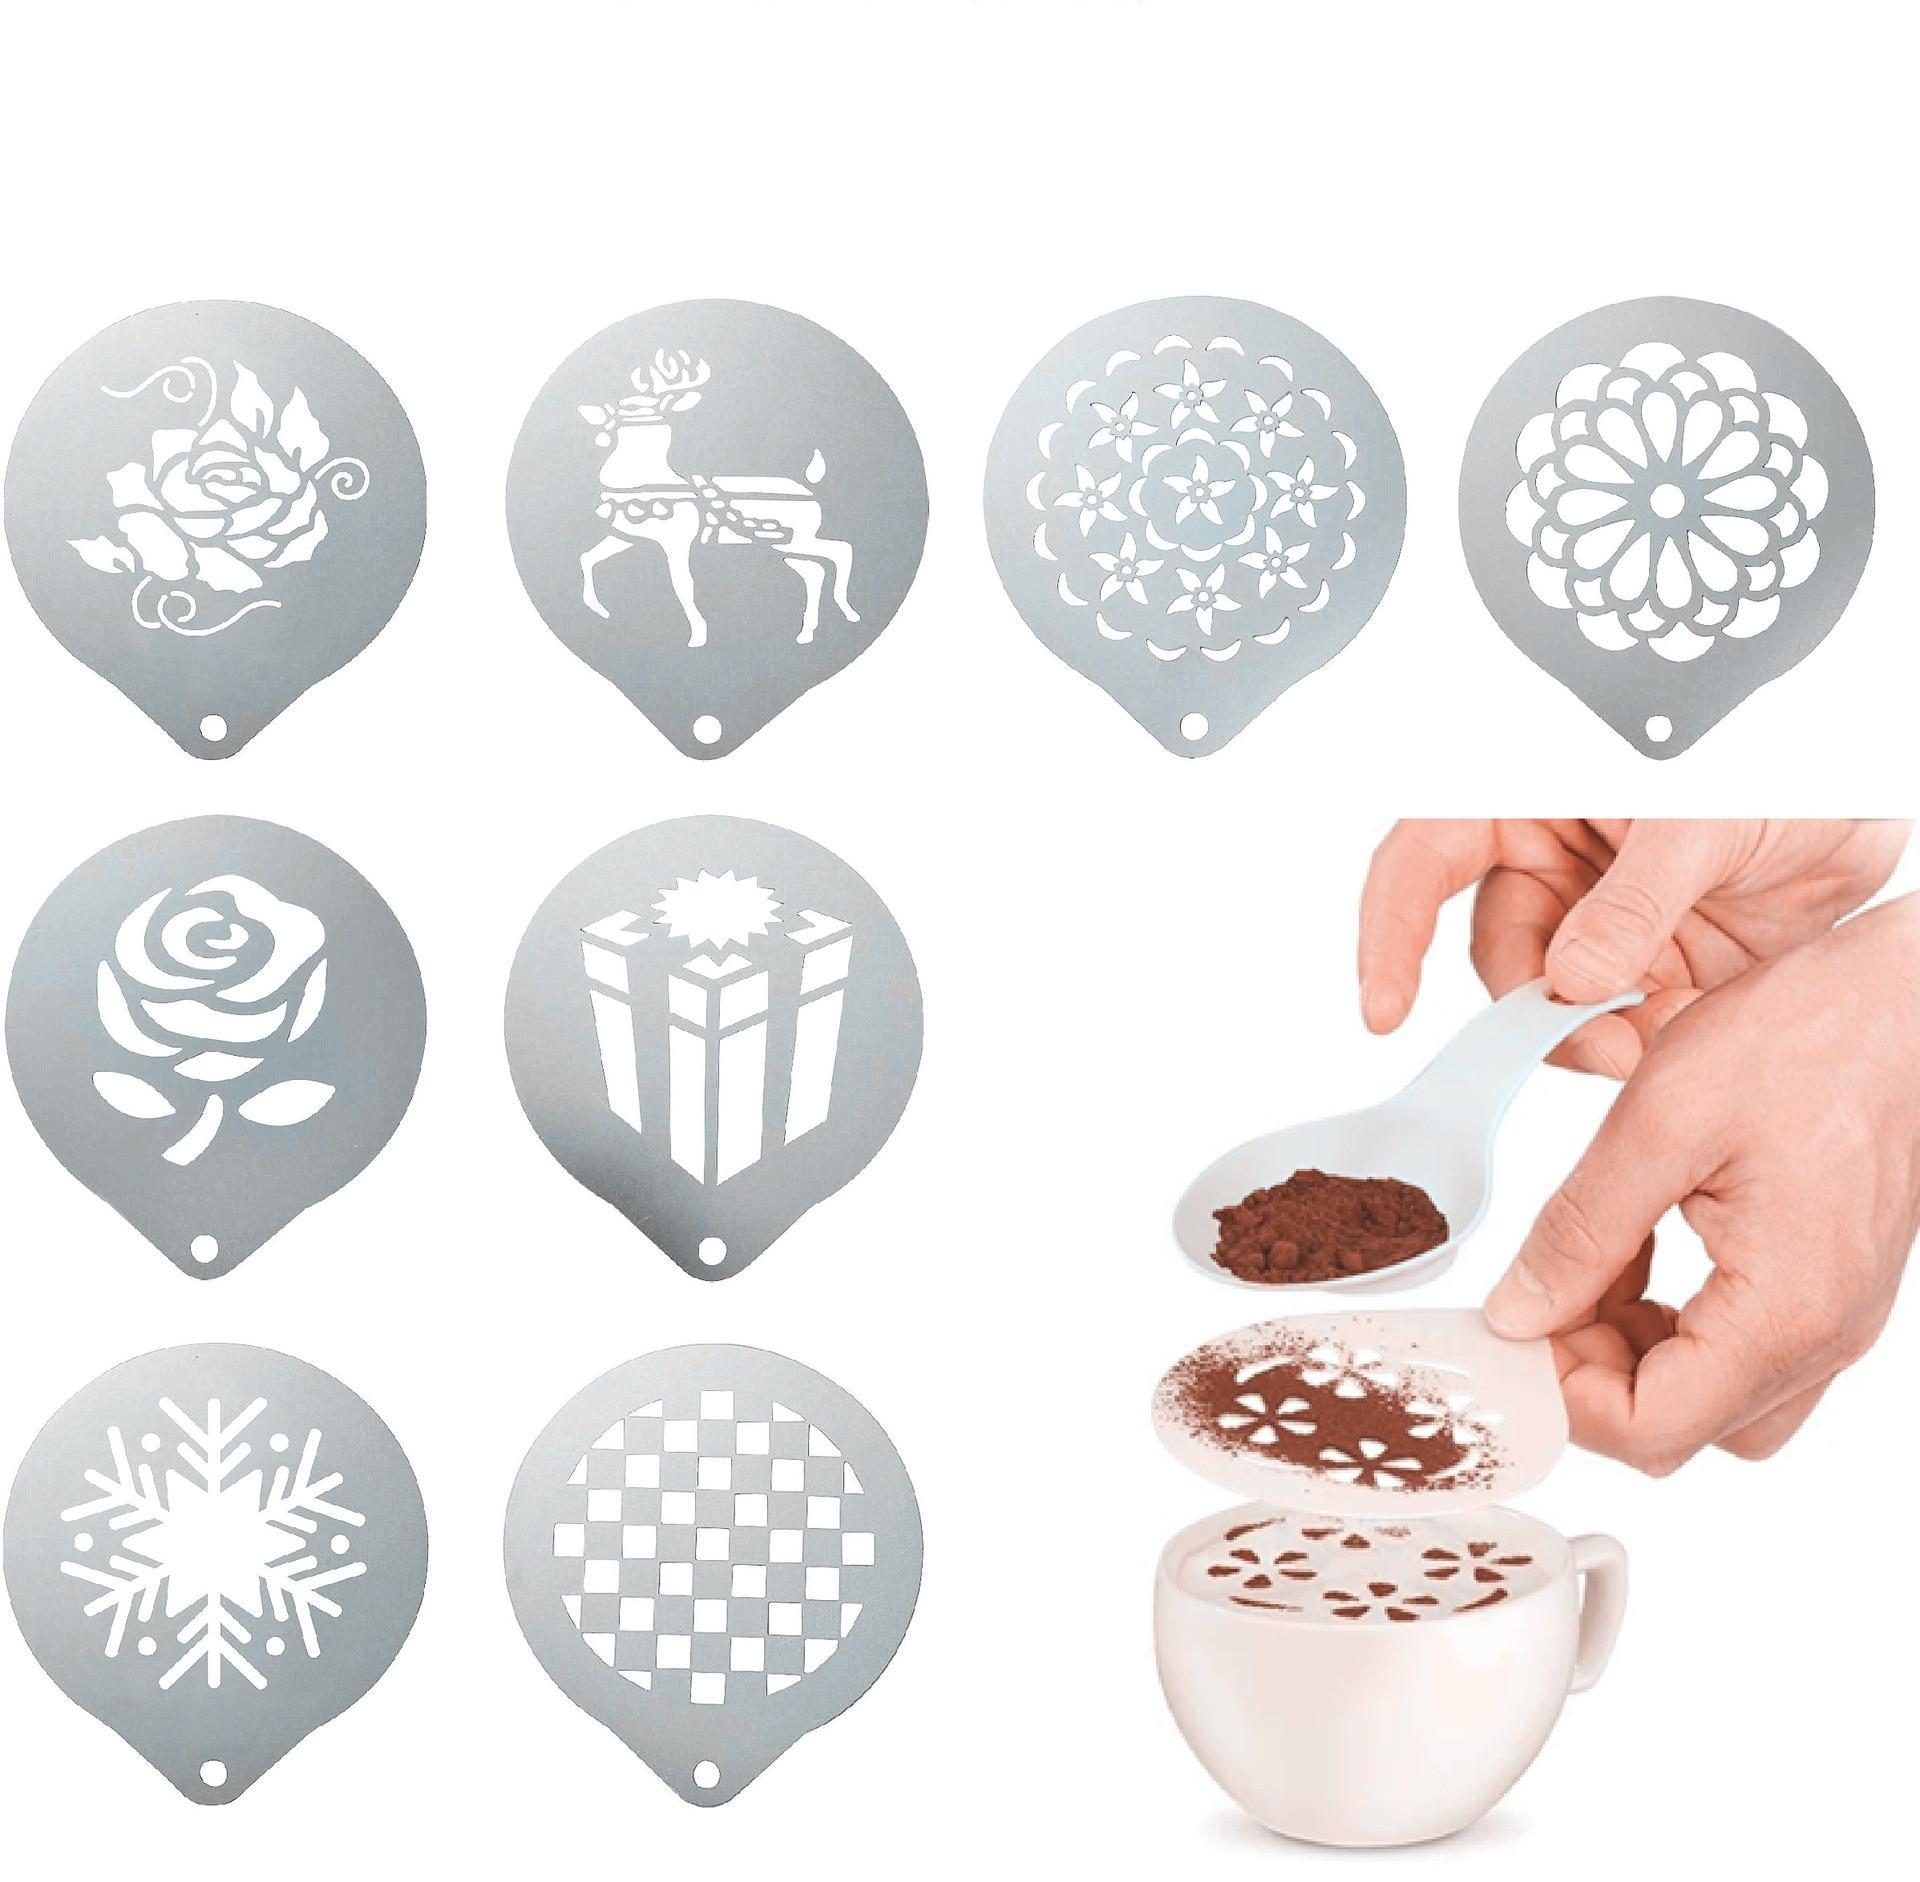 Красивый шаблон для печати на кофе, кухонная посуда, шаблон для распыления кофе, кухонные гаджеты, форма для рисования, шаблон для распылени...